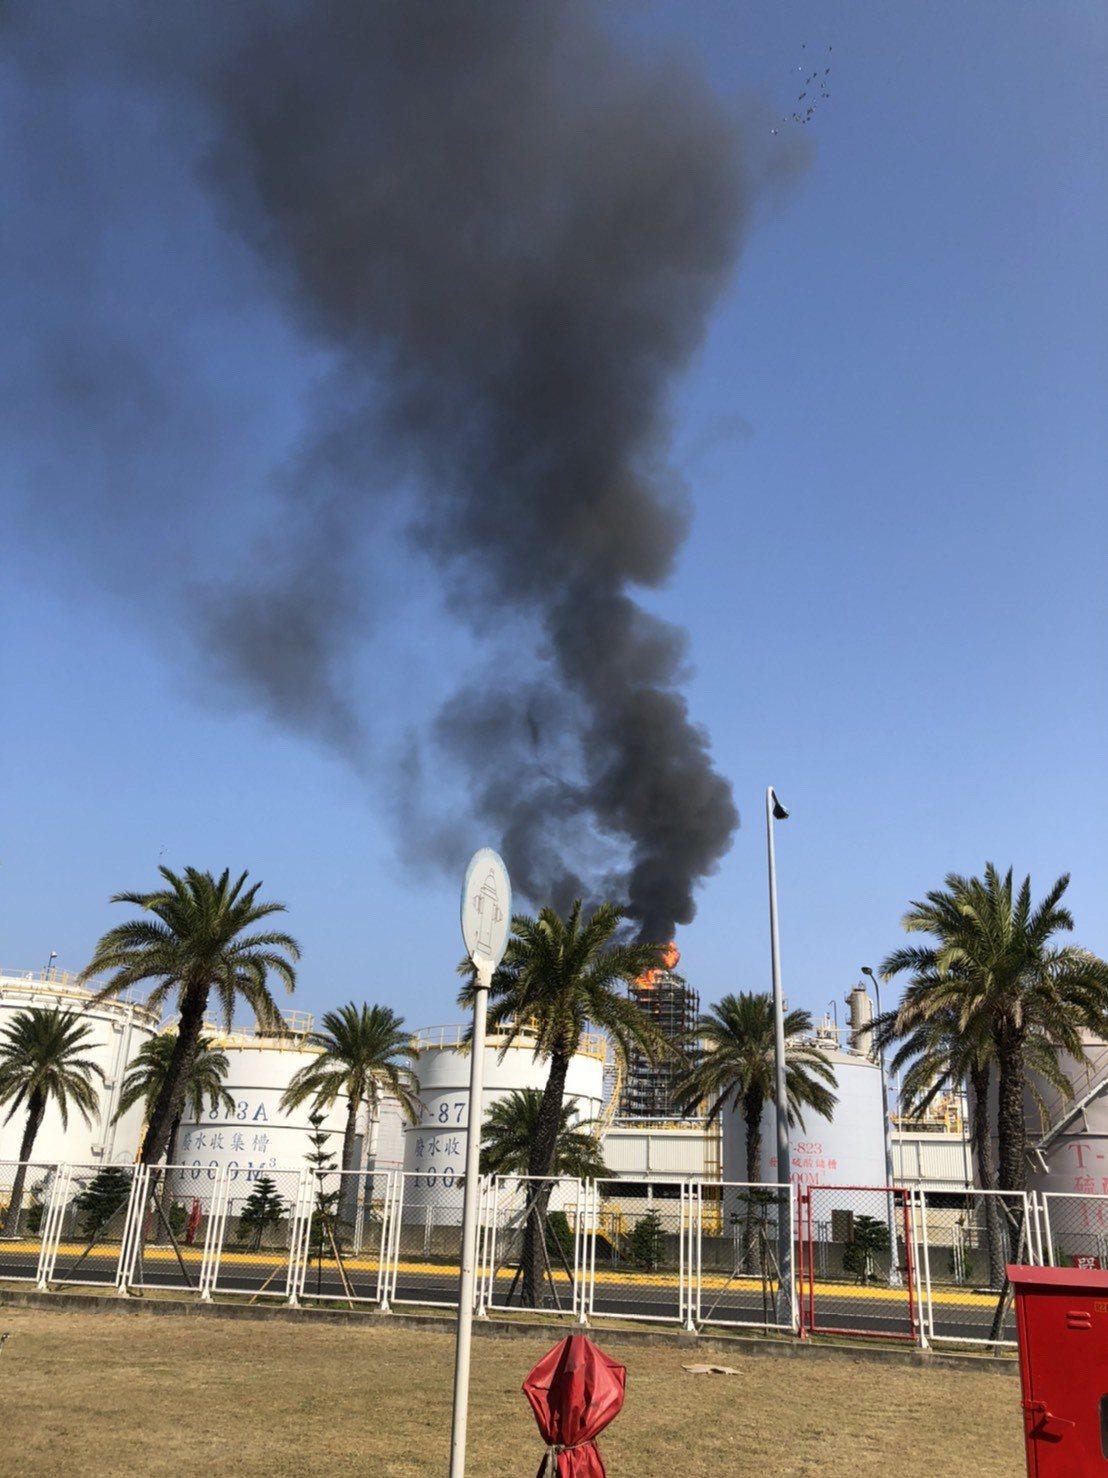 3天前才火警造成一人受傷的六輕煉一廠廠房,今再冒出火光,幸虛驚一場。圖/鄉代吳明...